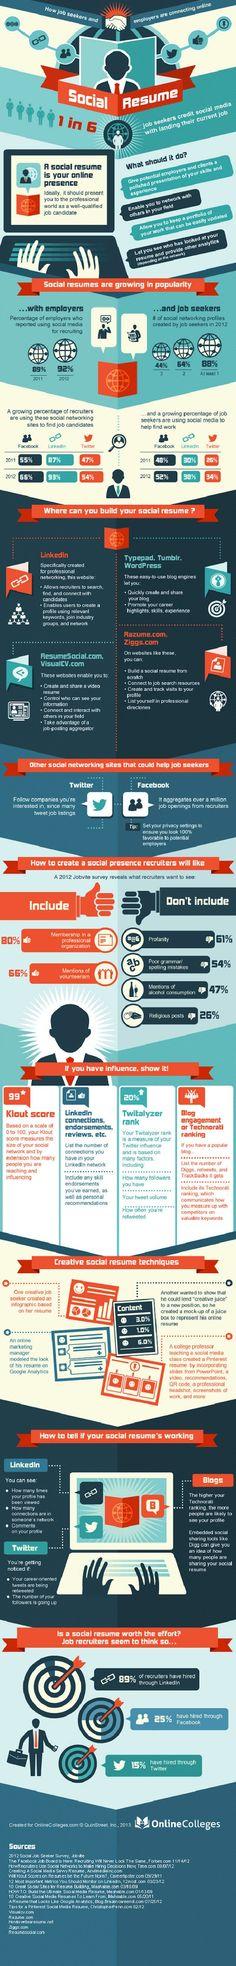 panorama du secteur du e-recrutement, notamment au travers de l'utilisation par les recruteurs et les candidats des réseaux sociaux